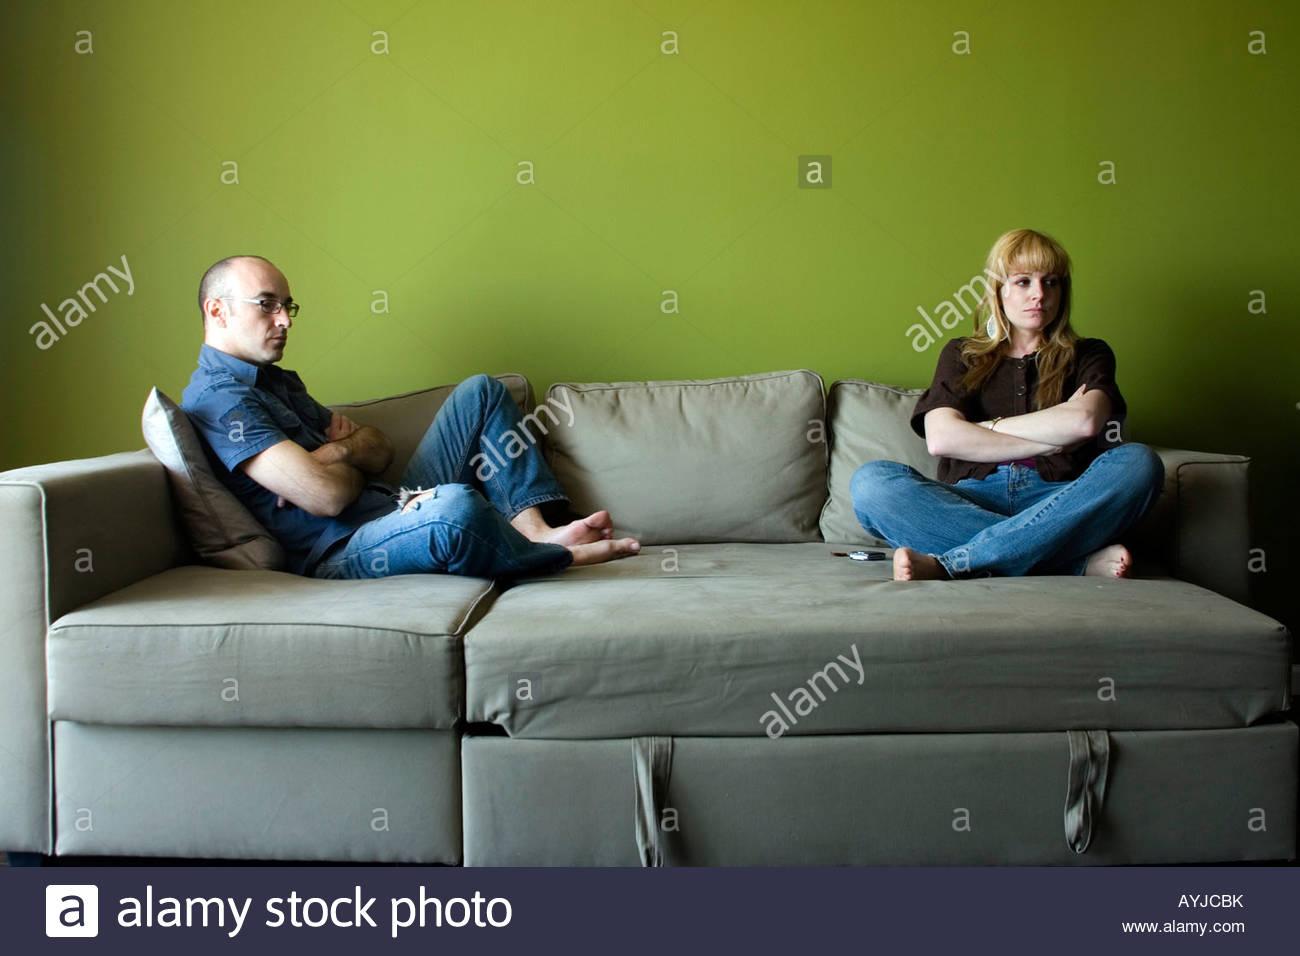 couple, marital, problems, argue, sad, help, relationship